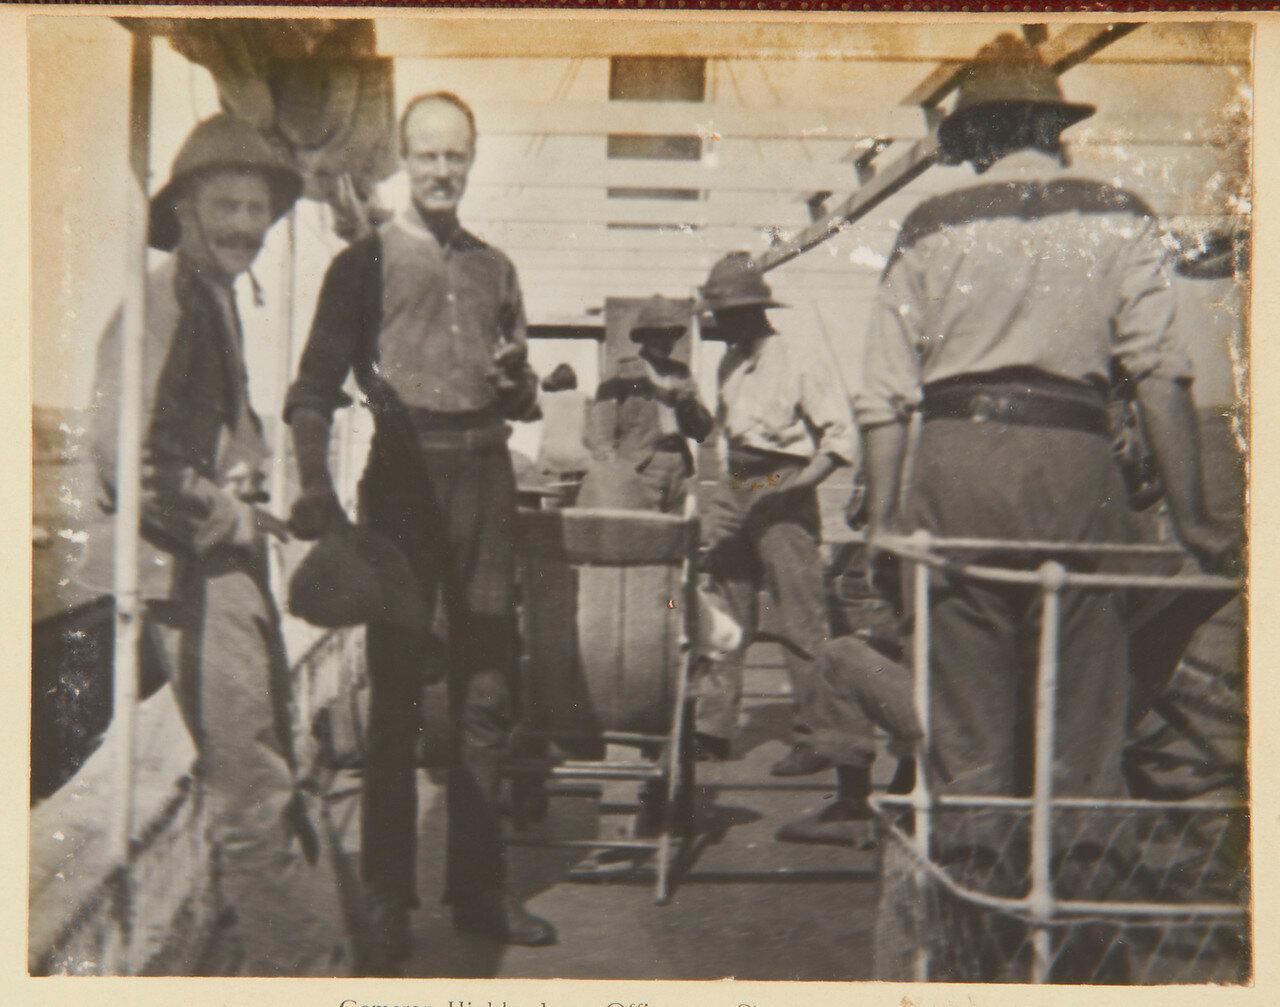 Офицеры Собственного королевского Камерон-хайлендерского полка на пароходе, слева направо капитан МакФарлан; лейтенант МакЭван; капитан Дж. Кэмпбелл